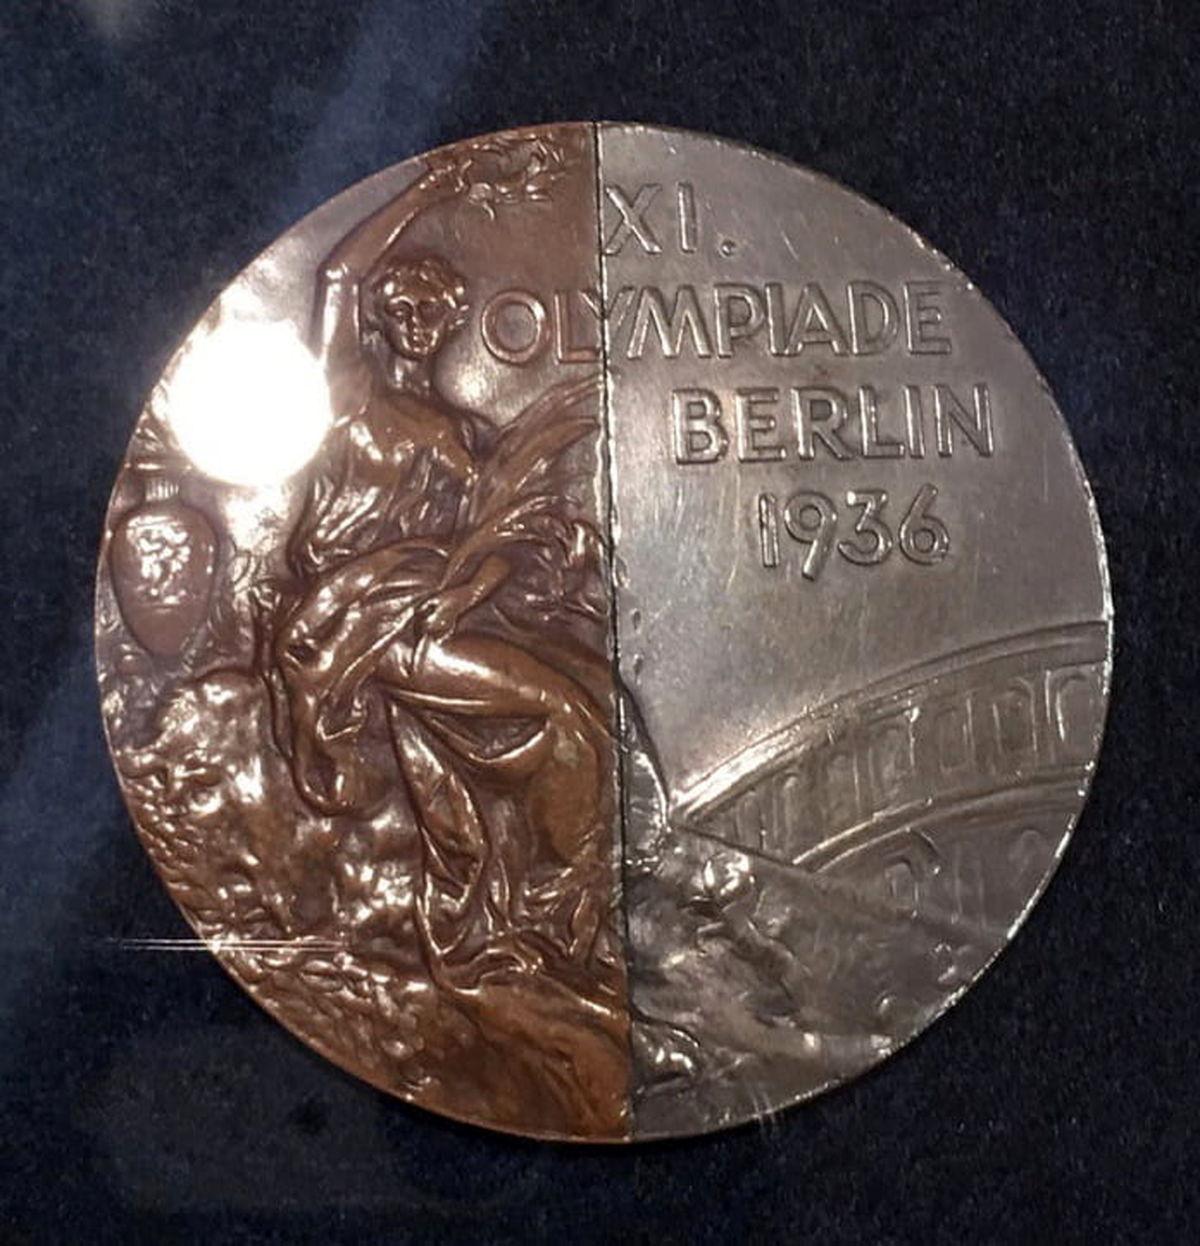 ماجرای مدال دو رنگ ژاپنی ها در المپیک برلین / نماد کار تیمی برای چشم بادامی ها